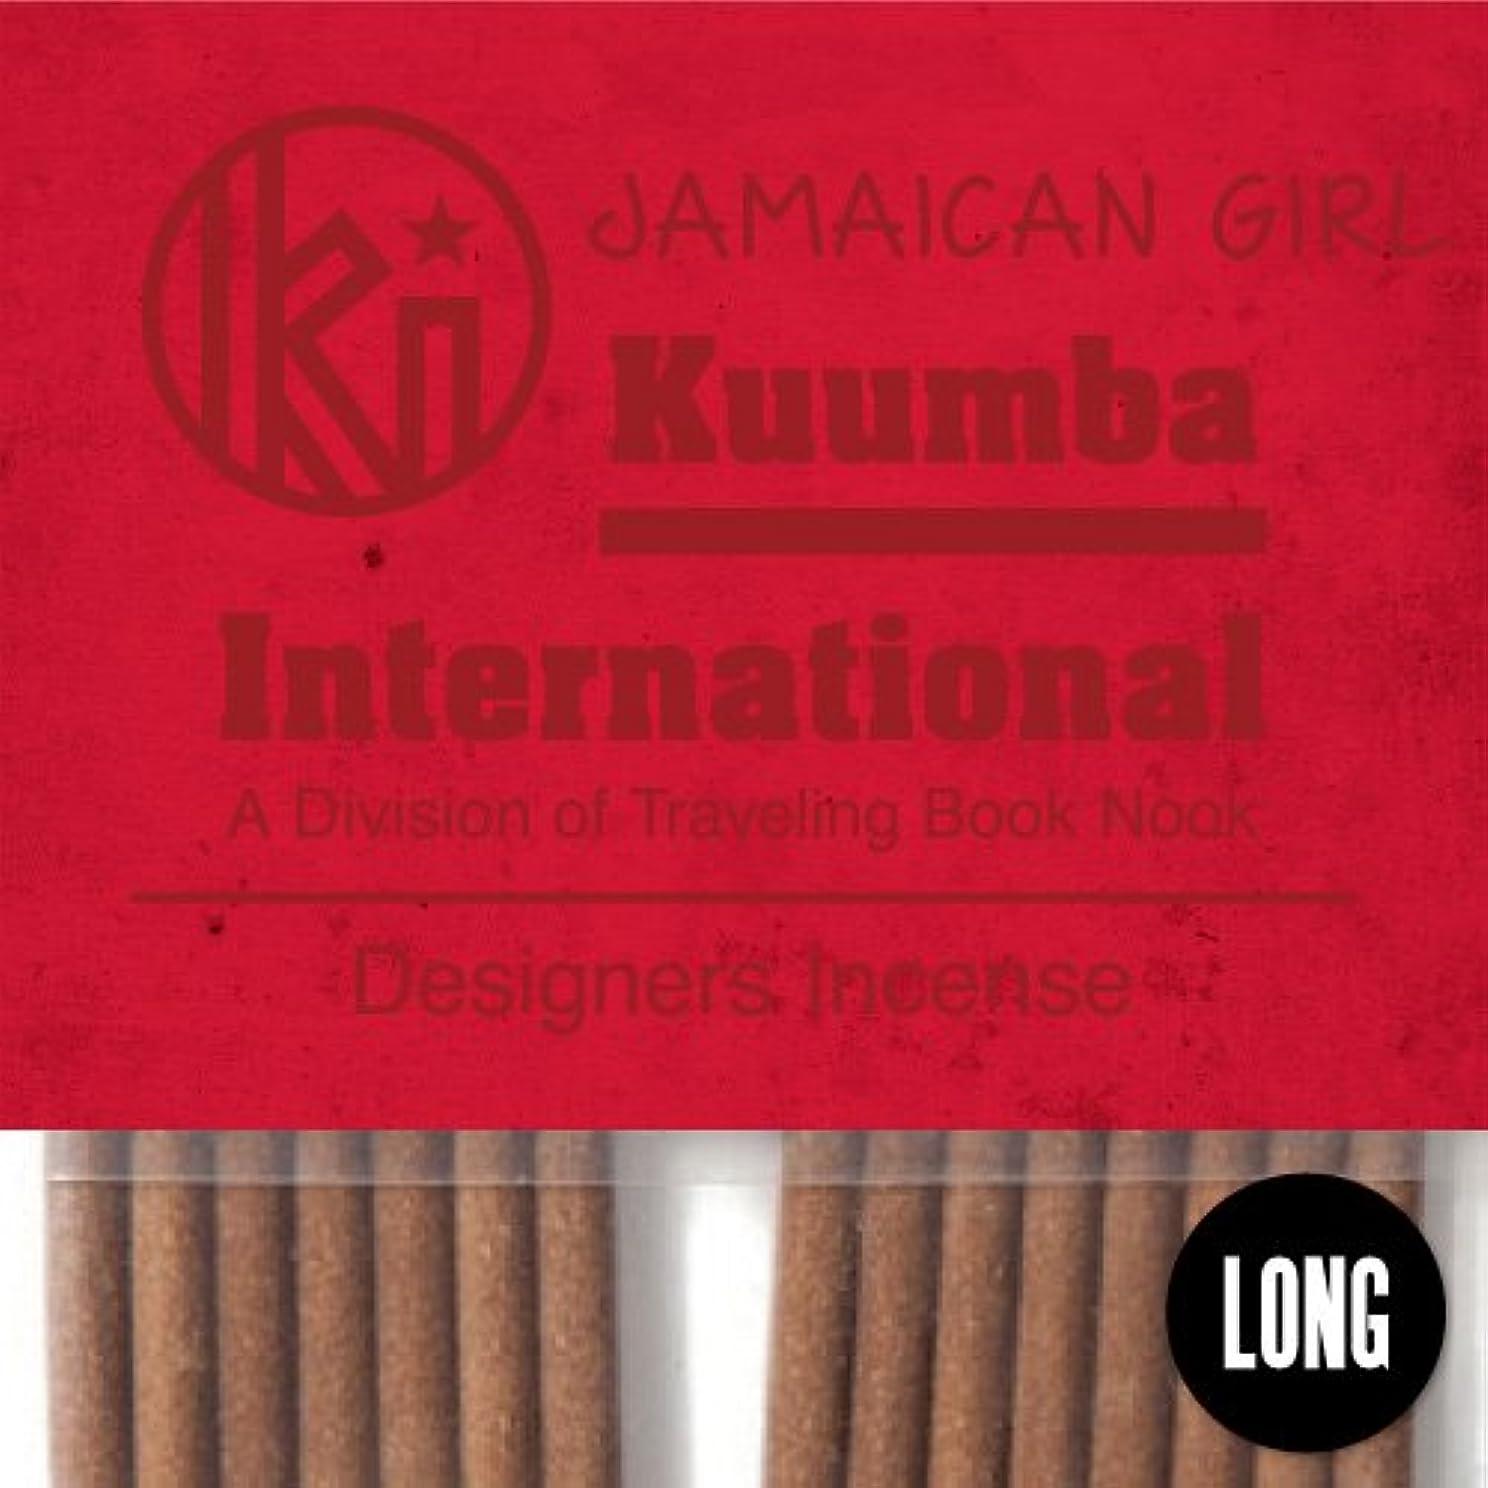 騒々しい勧める有名人クンバ お香 爽やかでスパイシーなアップルのような香り 15本入り レギュラーサイズ Jamaican Girl インセンス KUUMBA